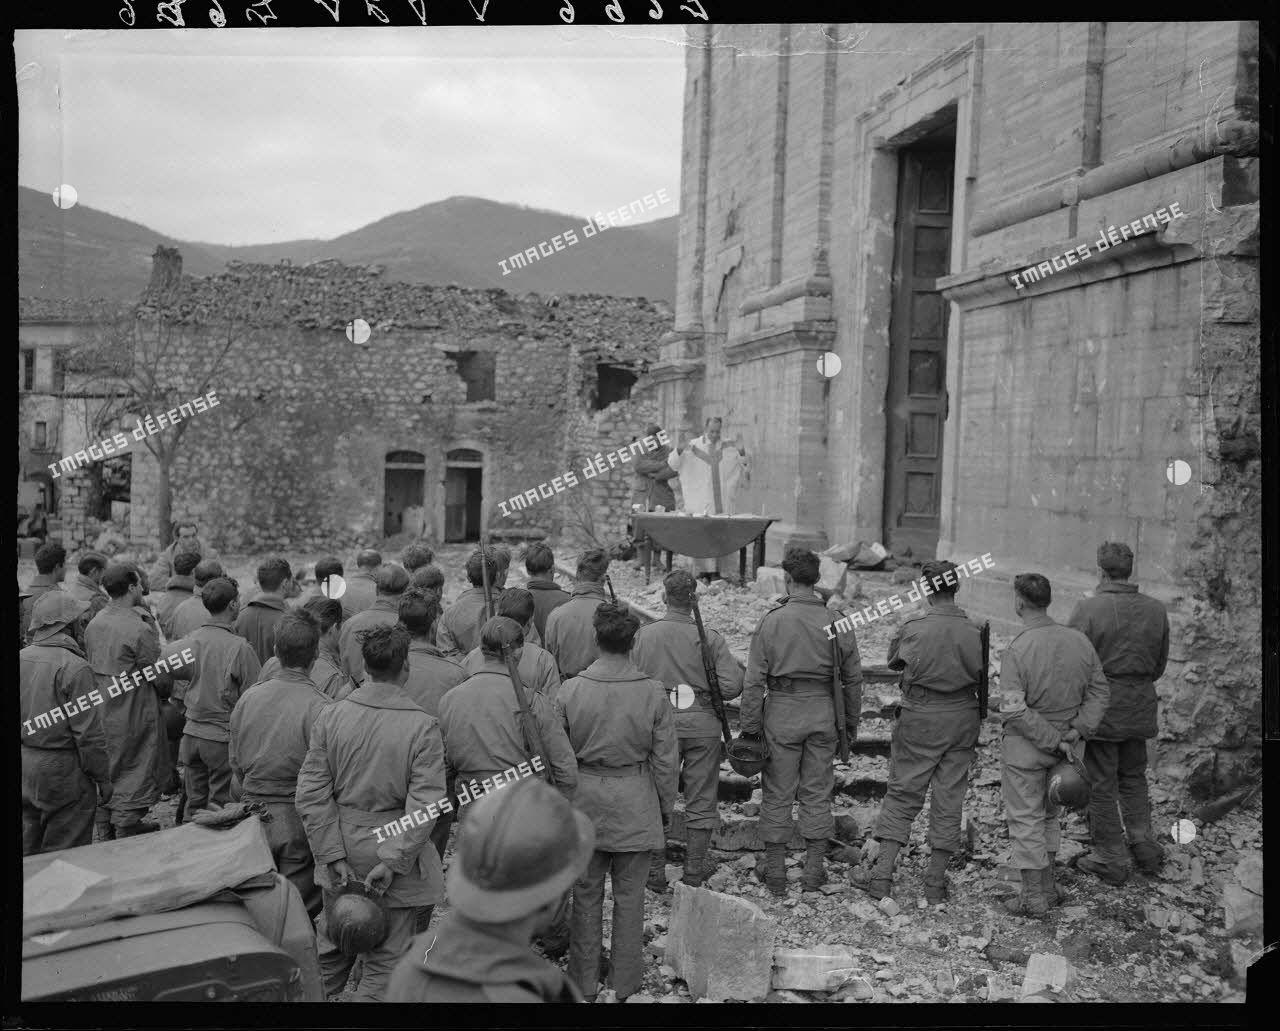 Des tirailleurs du 5e régiment de tirailleurs marocains (RTM) de la 2e division d'infanterie marocaine (DIM) assistent à la messe de Noël, célébrée par un aumônier militaire catholique sur le parvis de l'église d'un village situé à proximité des premières lignes italiennes.